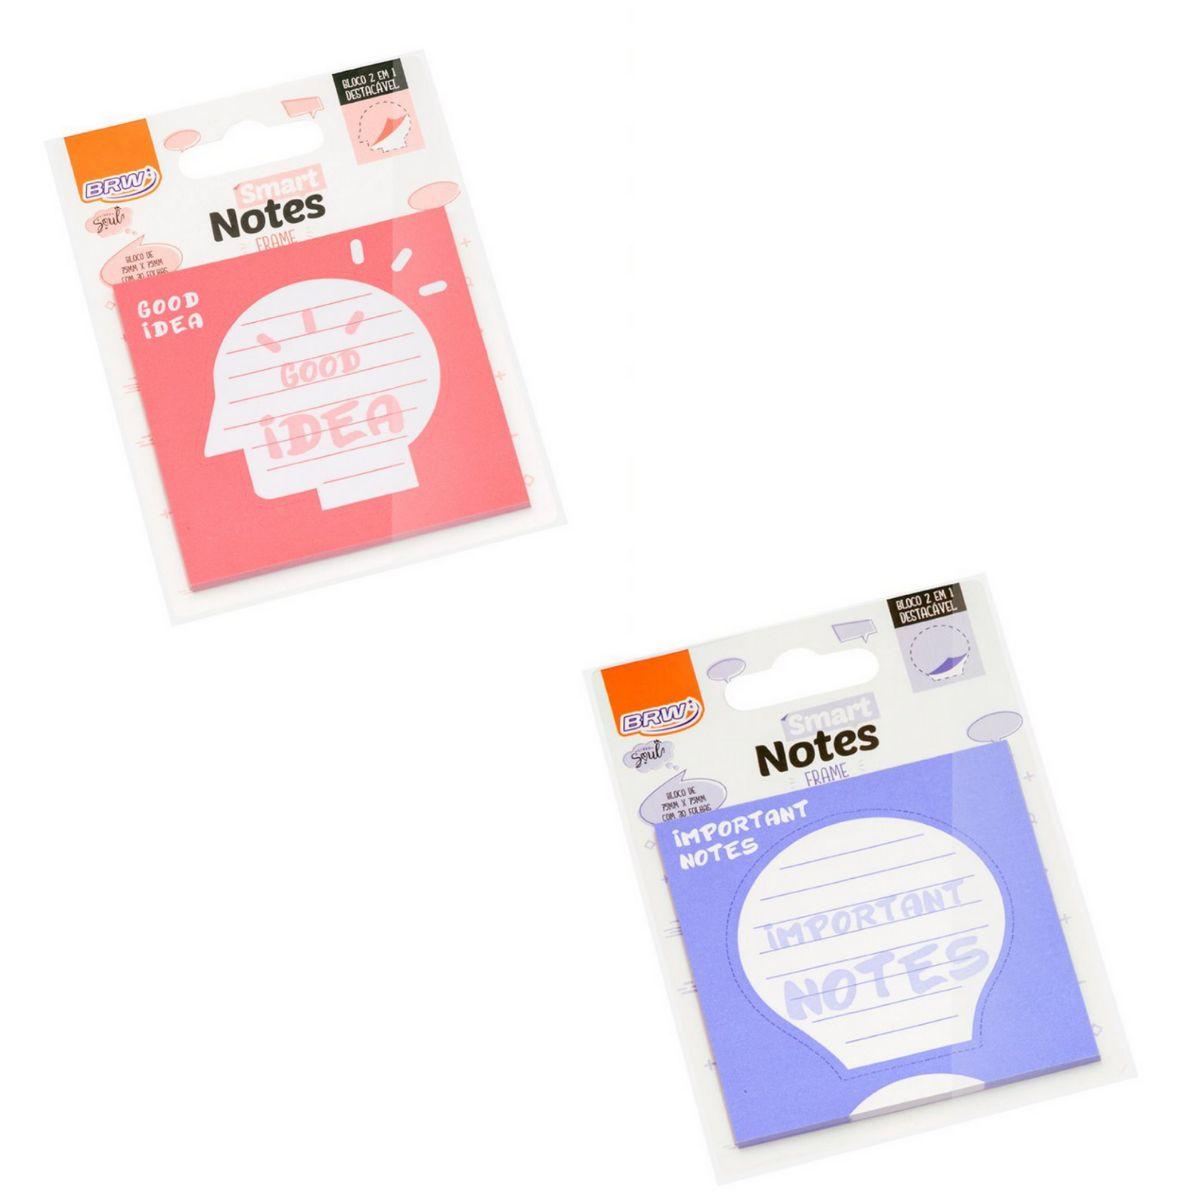 Bloco Smart Notes Frame 75x75mm com 30 folhas - BRW